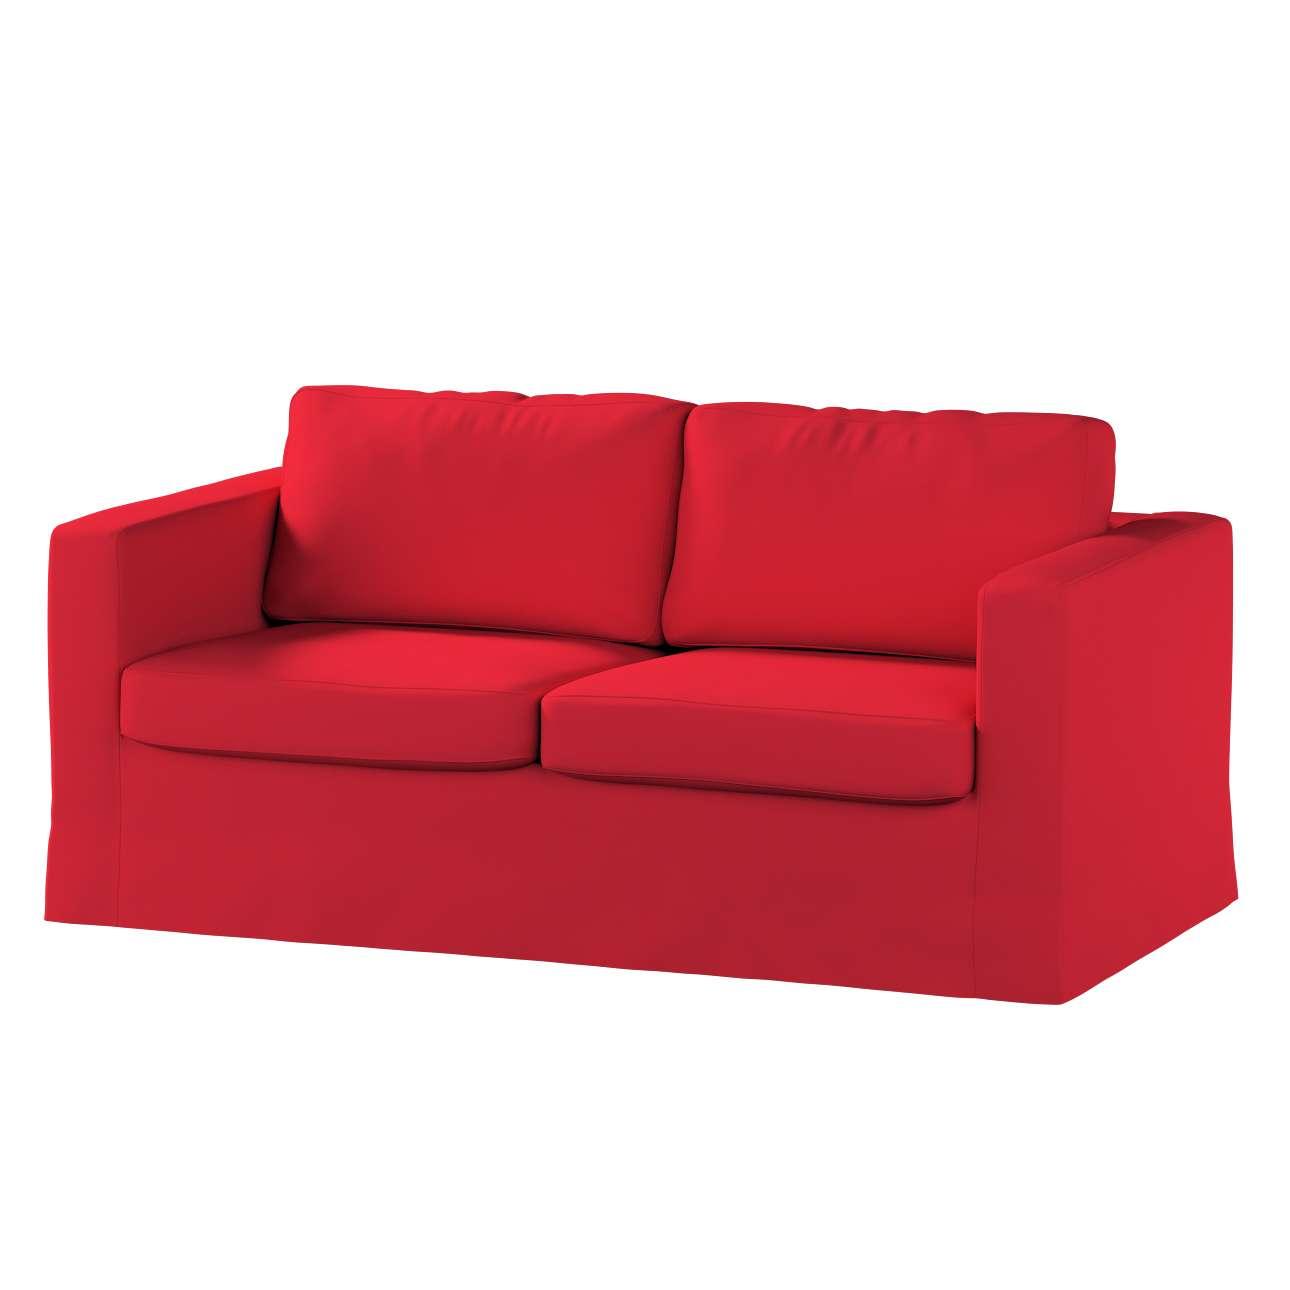 Potah na pohovku IKEA  Karlstad 2-místná , nerozkládací, dlouhý pohovka Karlstad 2-místná v kolekci Cotton Panama, látka: 702-04